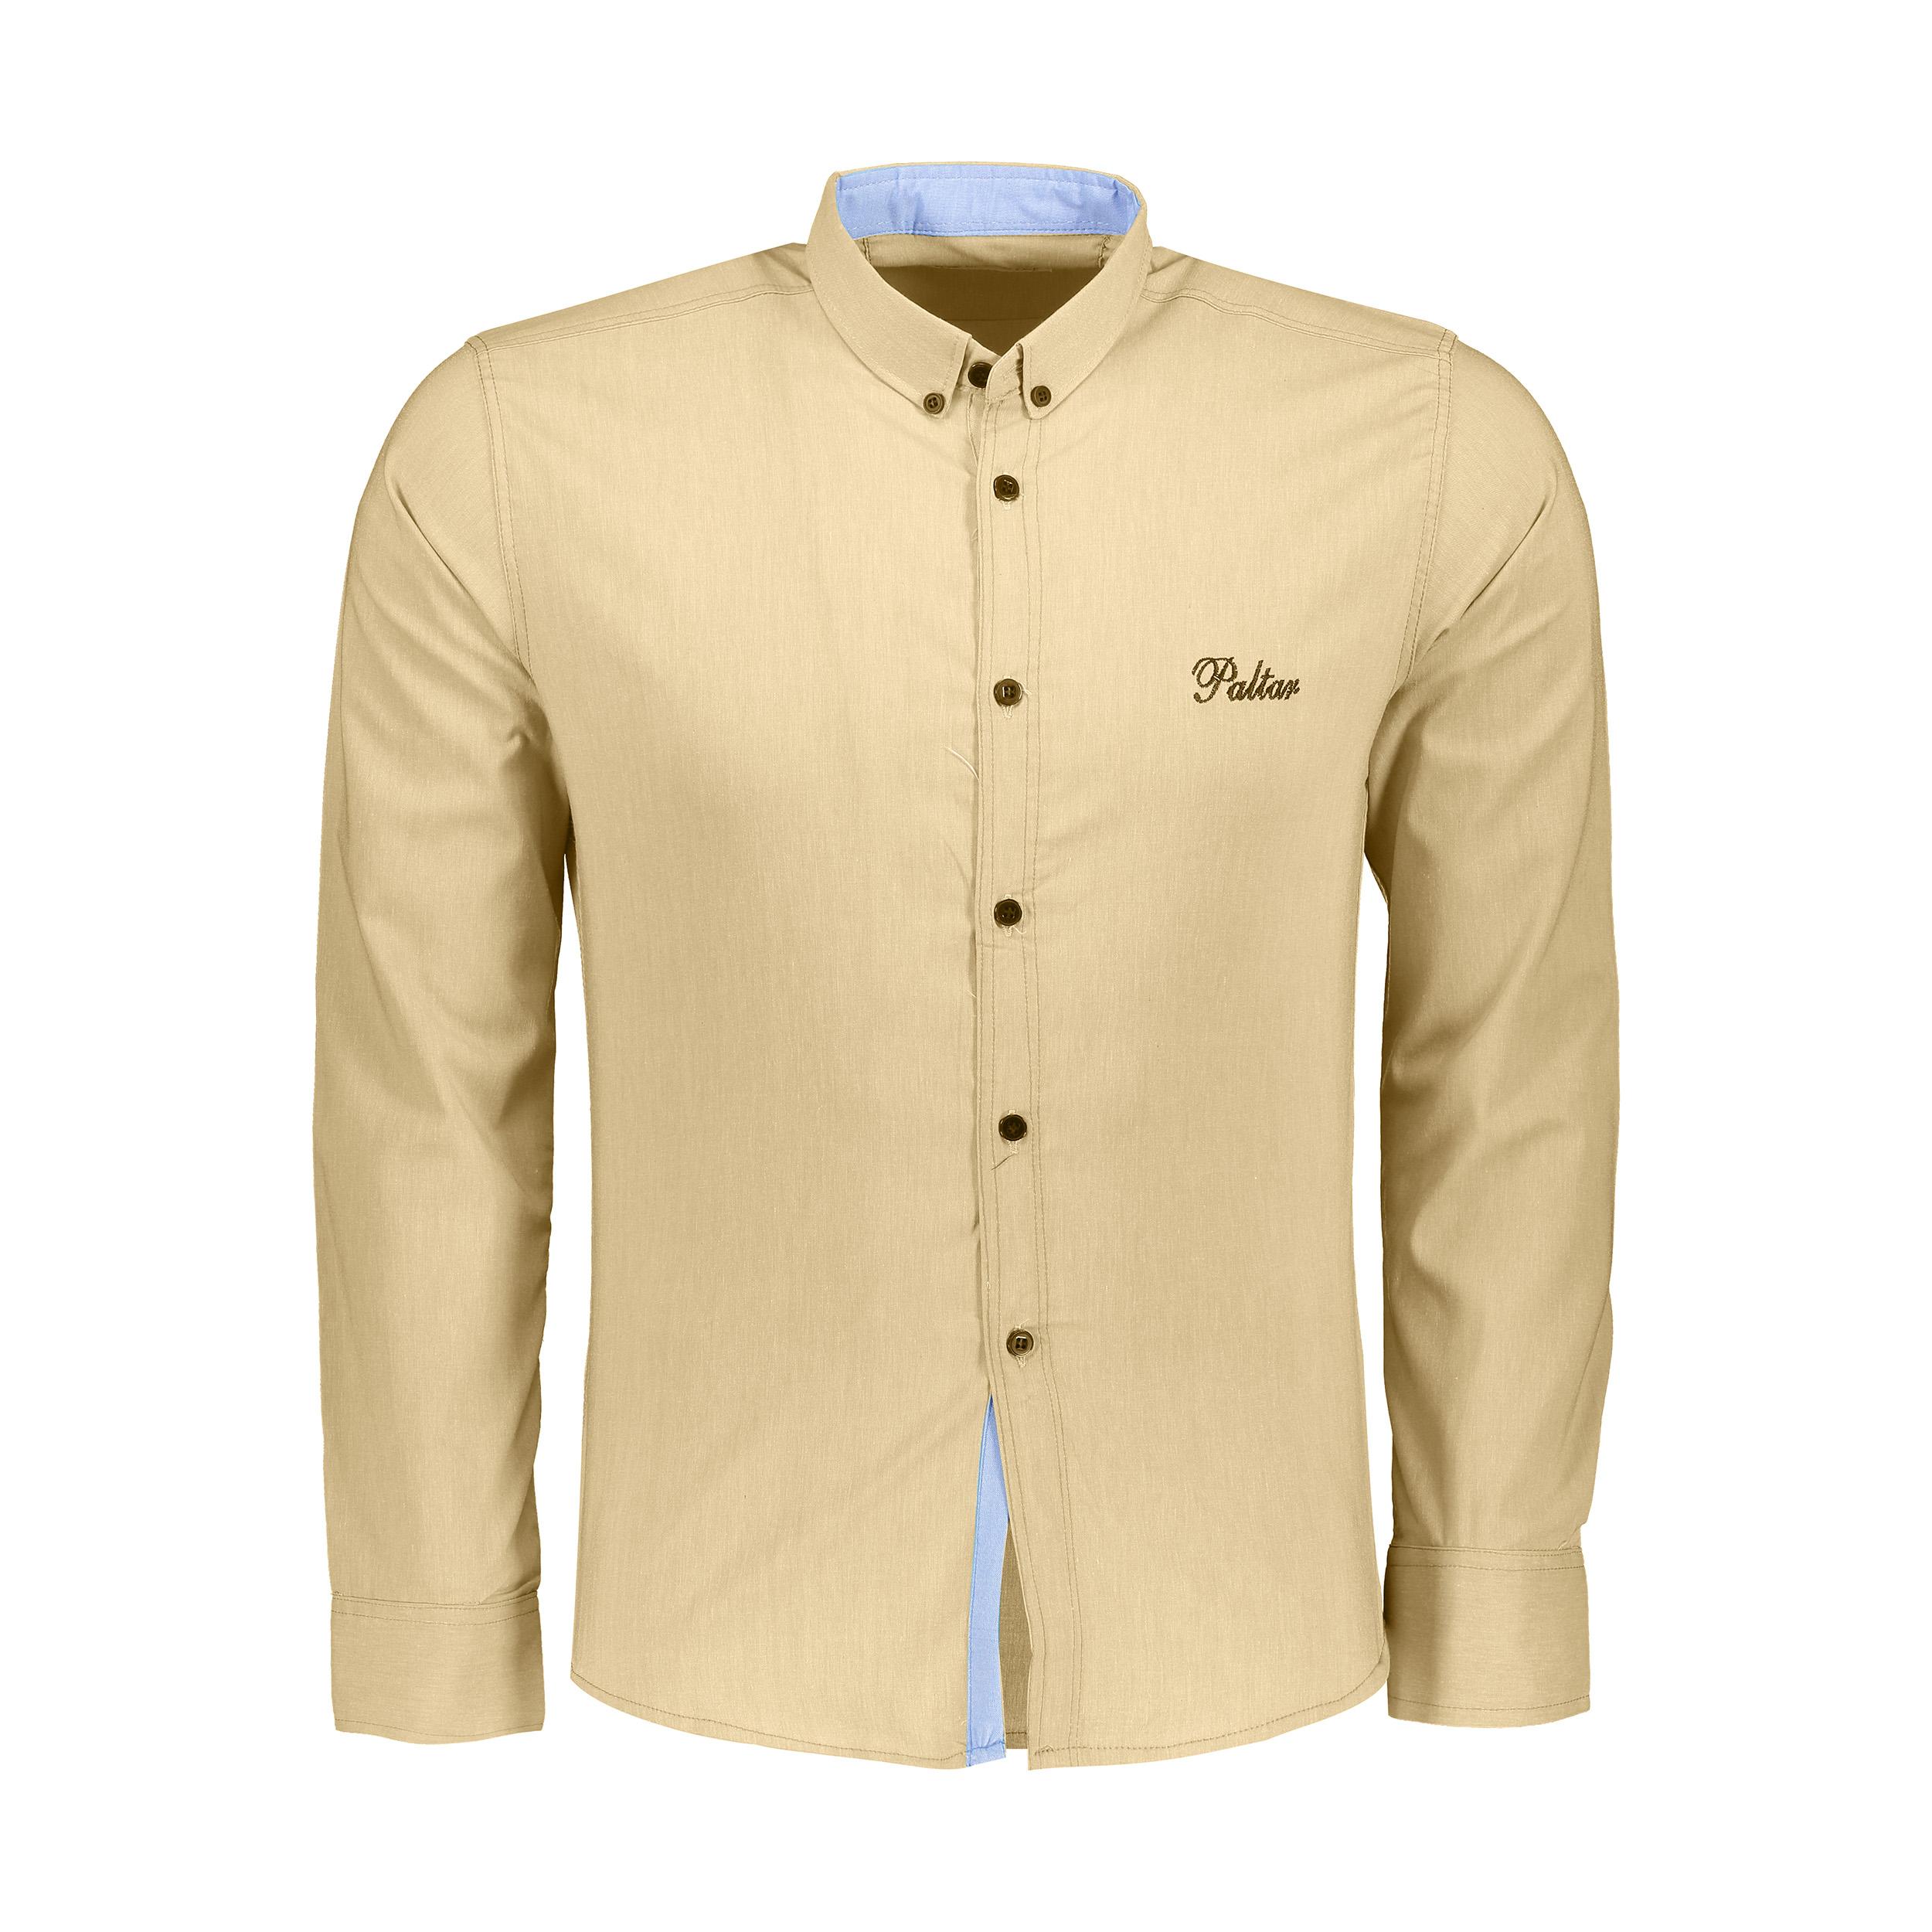 پیراهن آستین بلند مردانه کد M02167